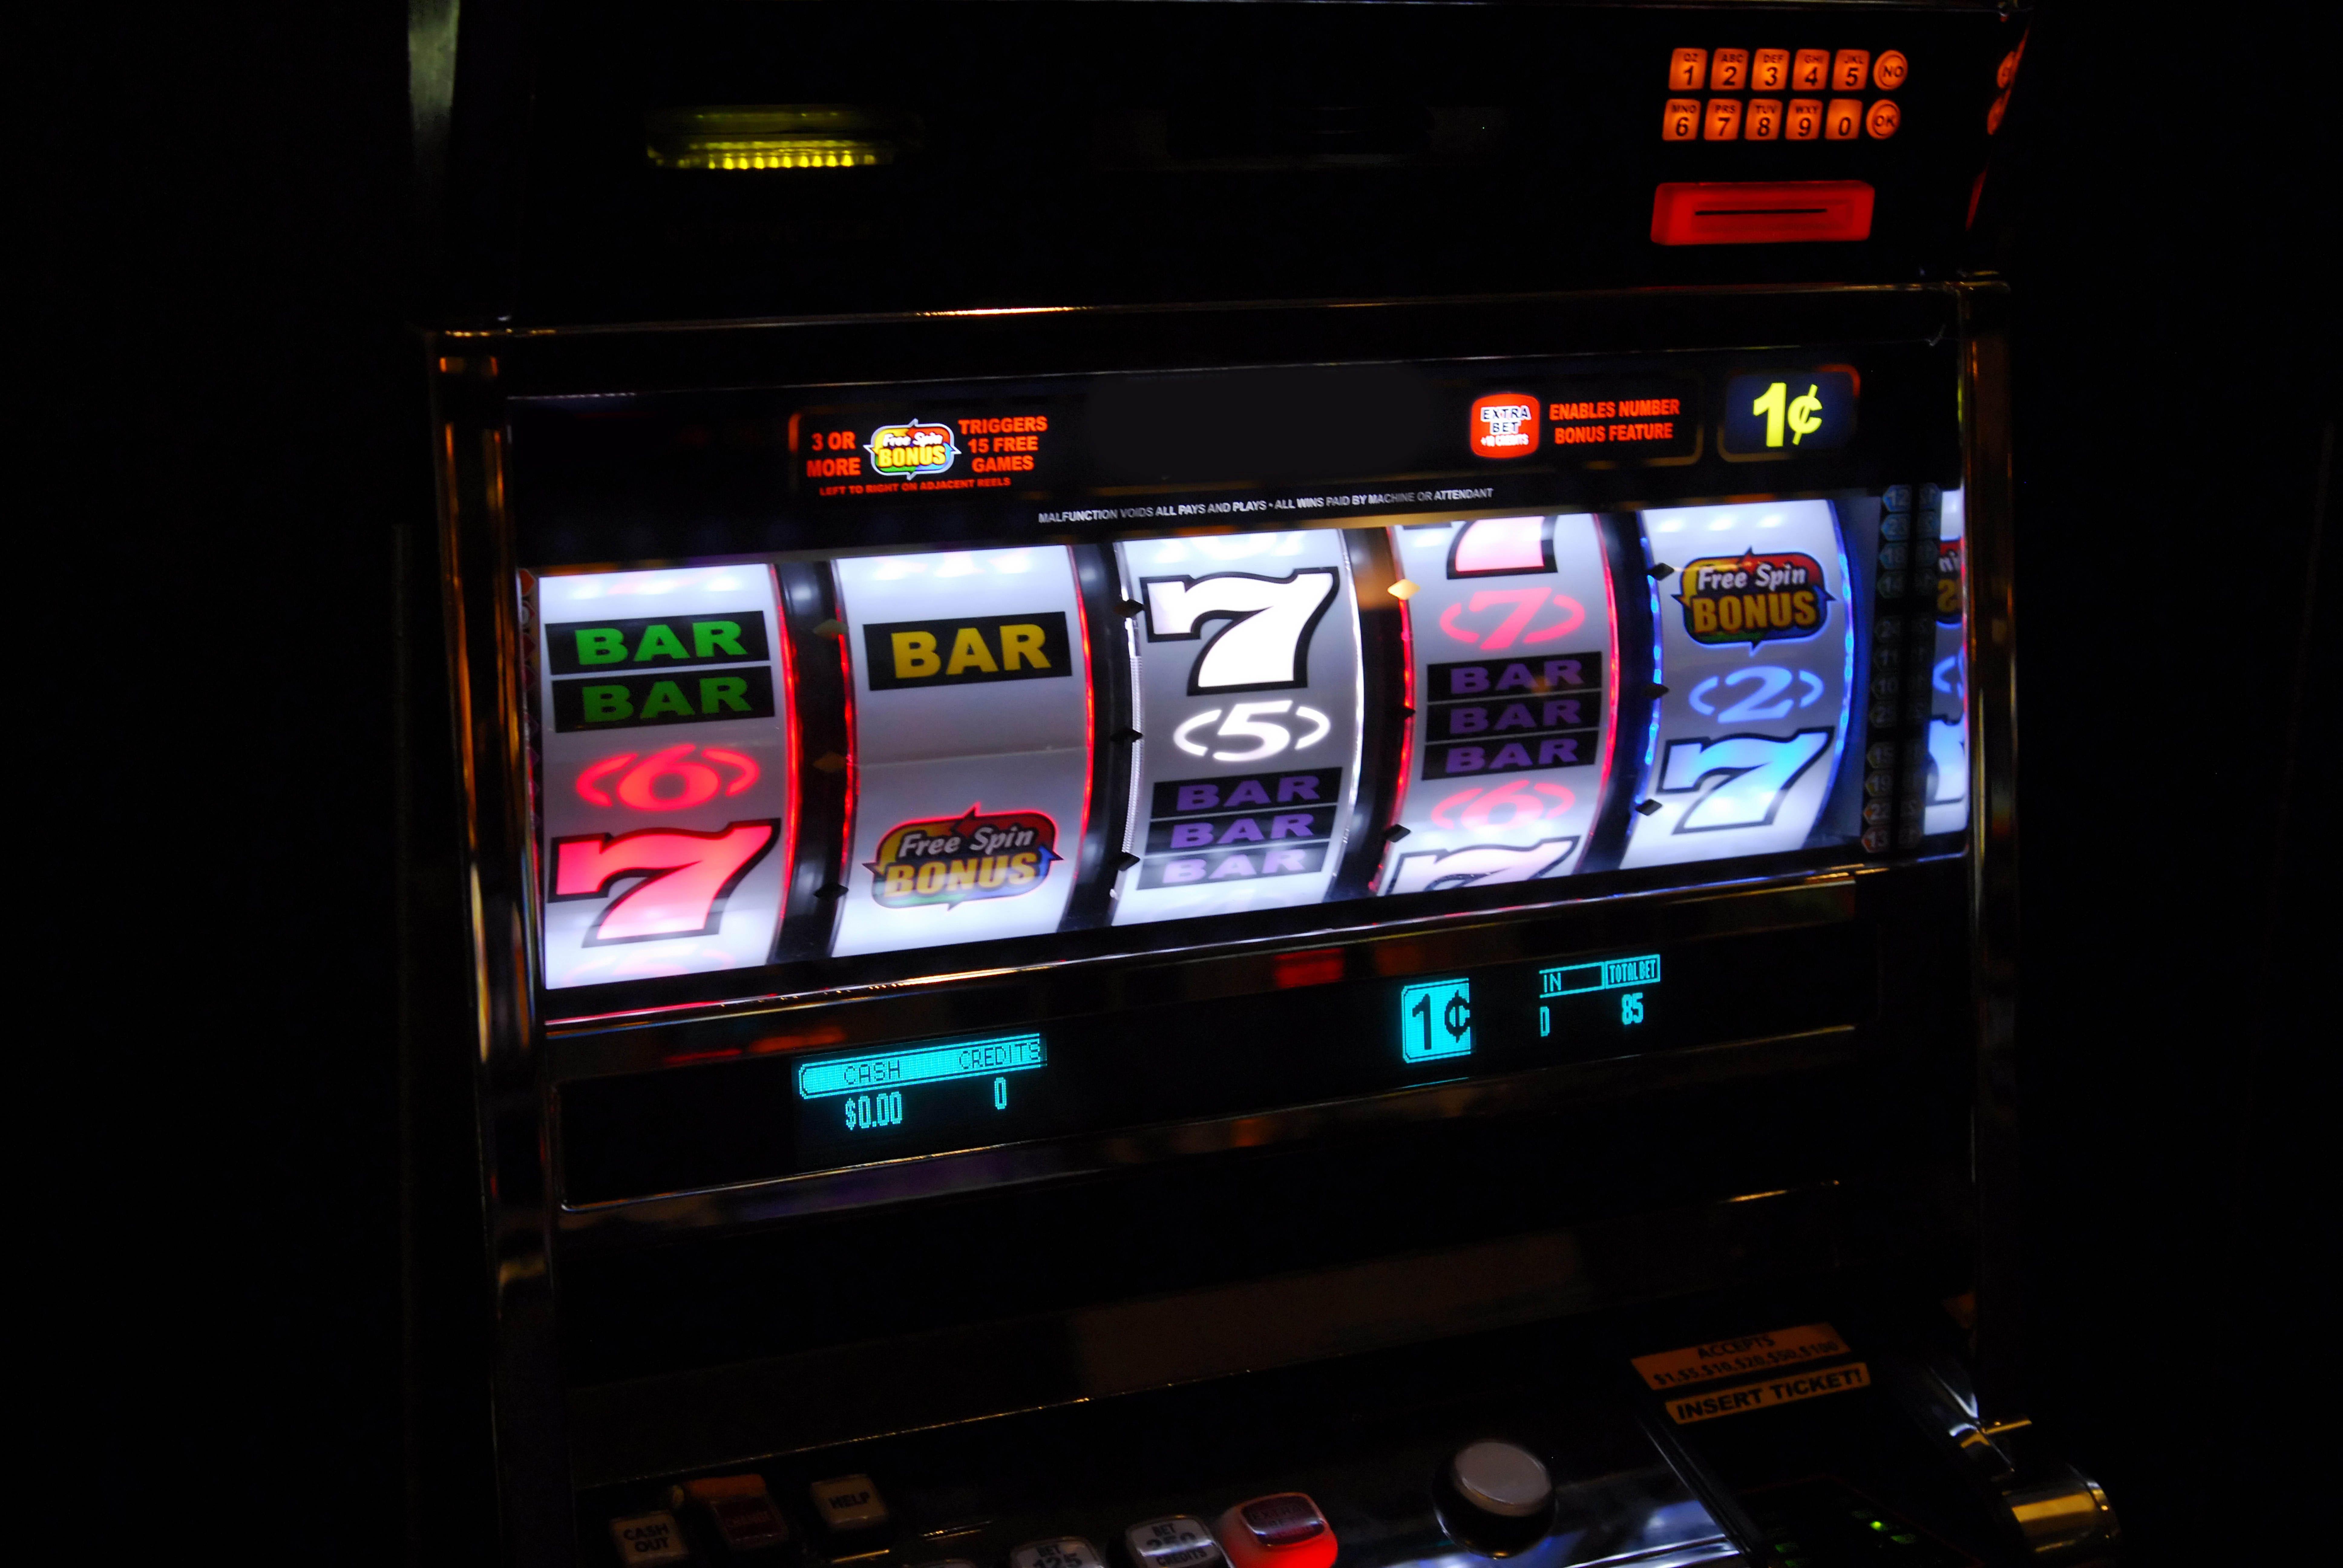 Игровые автоматы онлайн играть бесплатно без регистрации 777